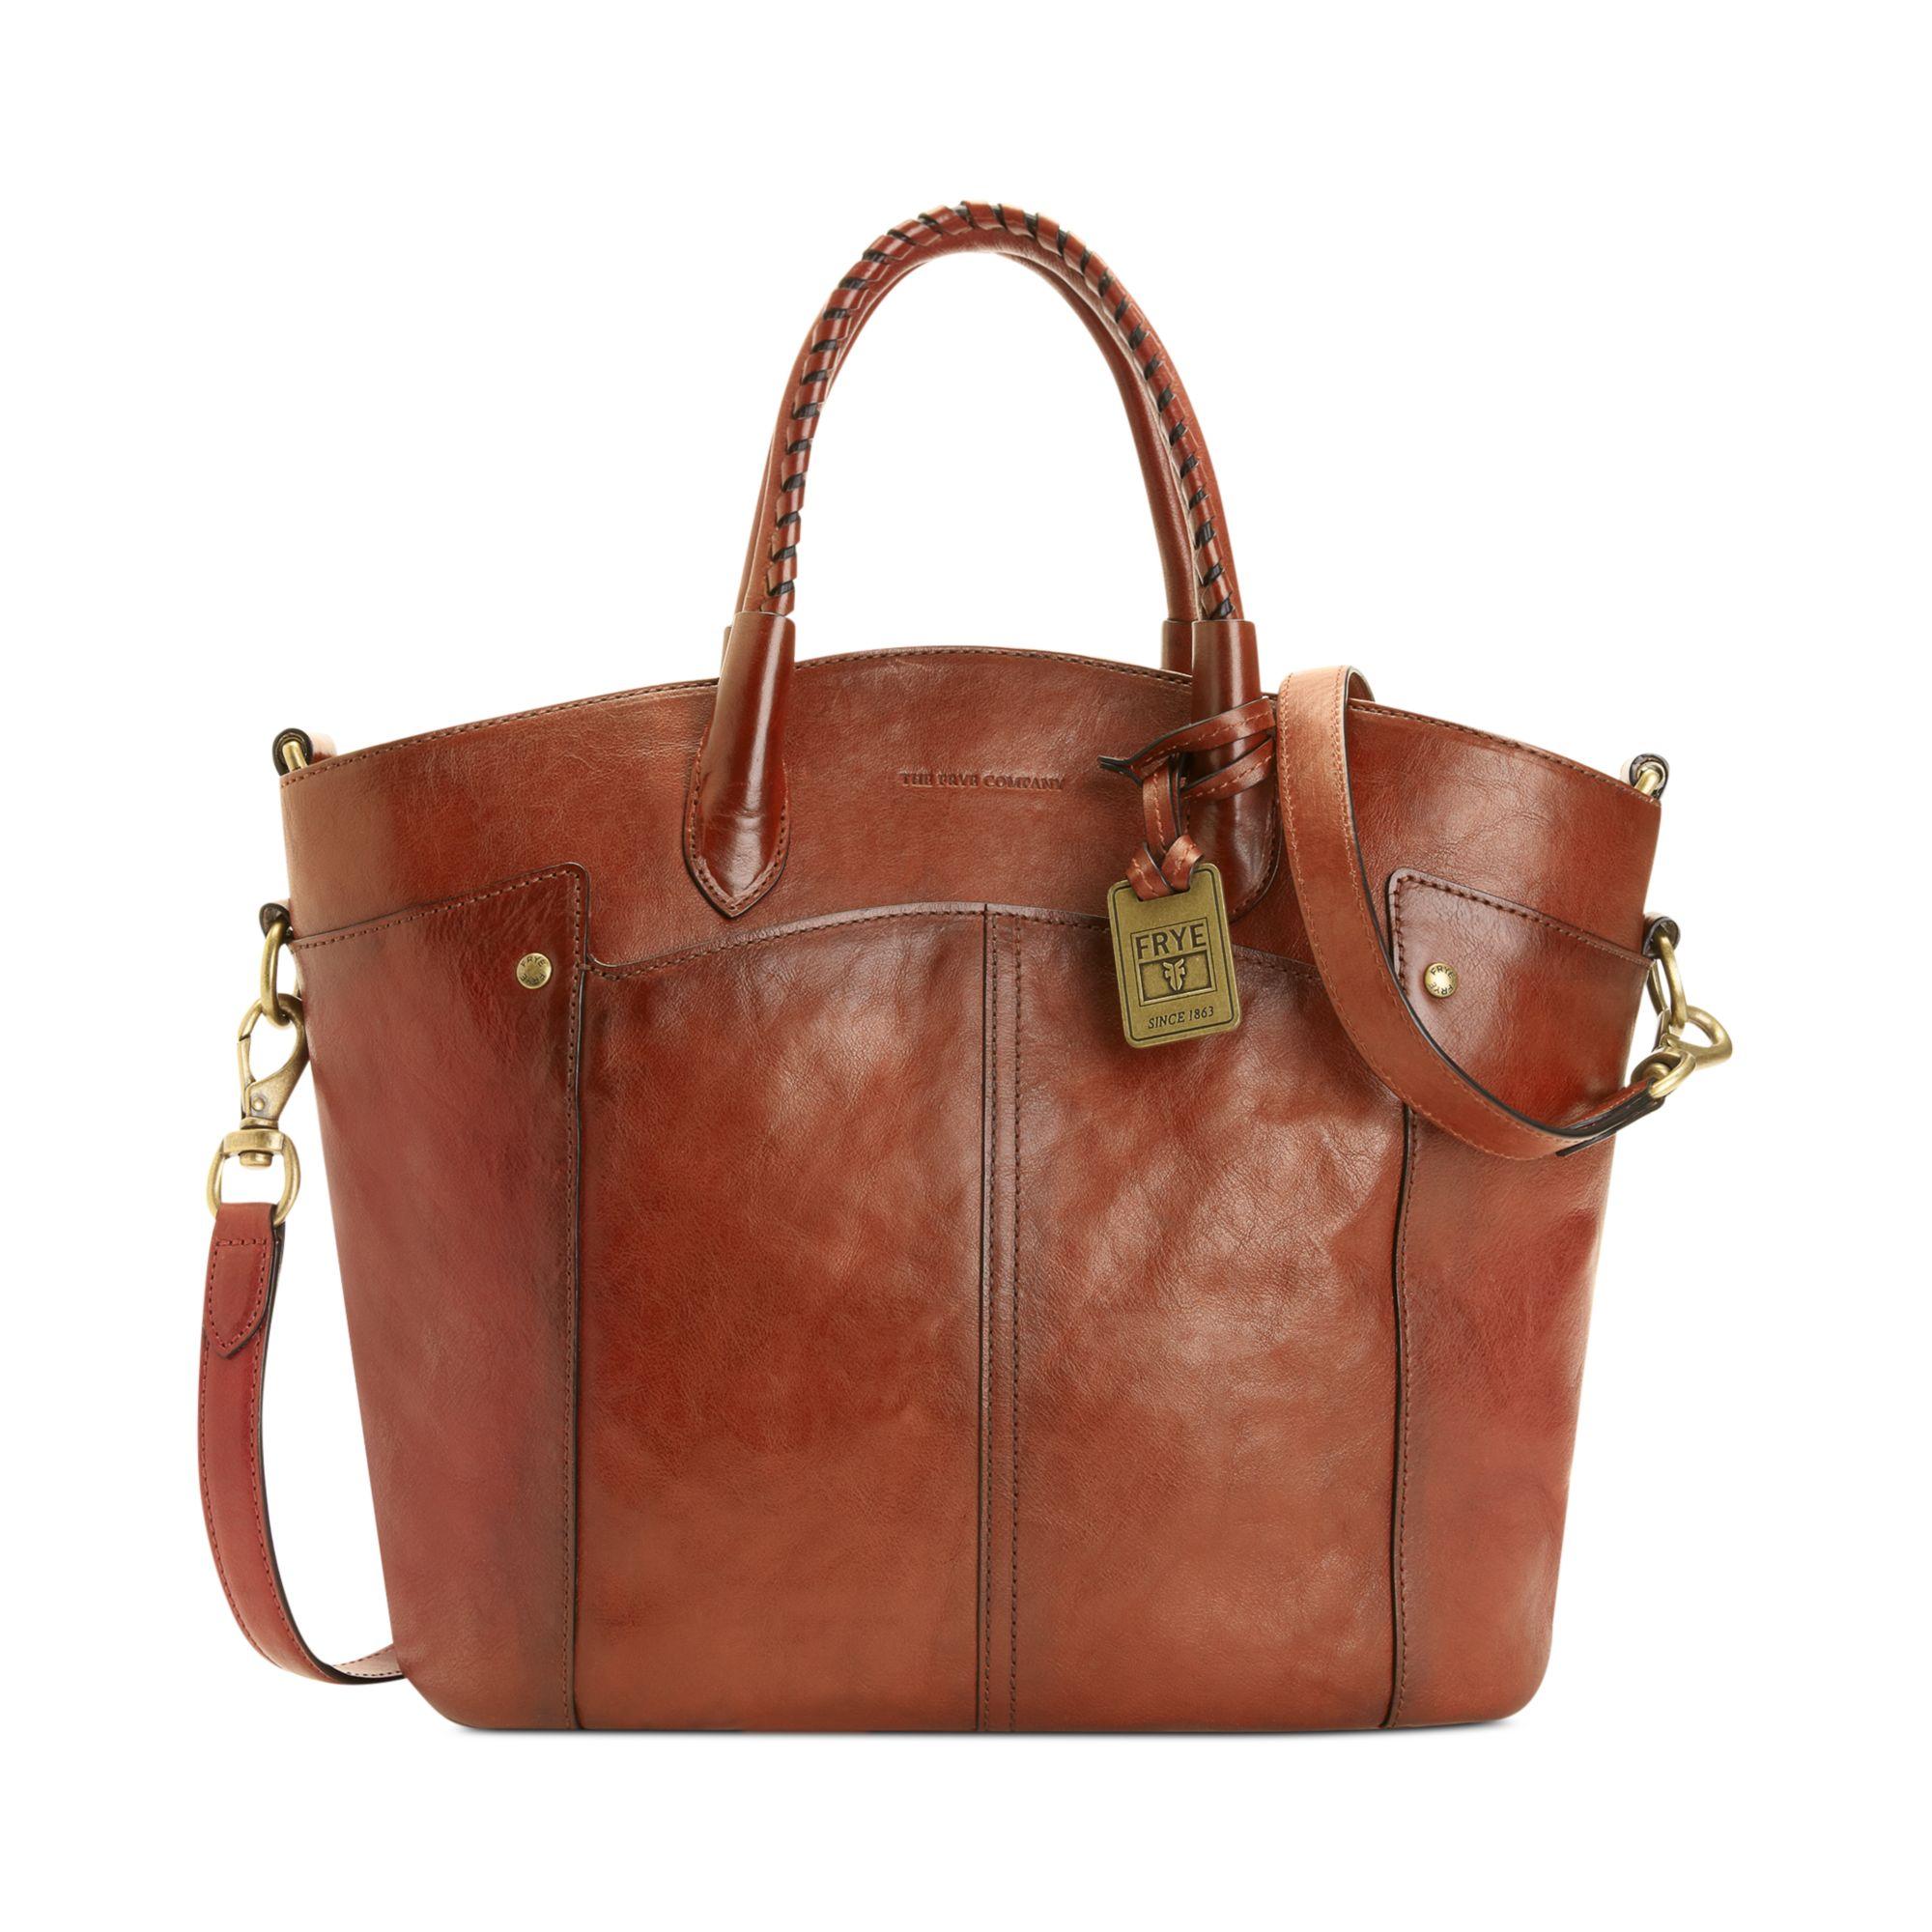 Frye Frye Handbag Renee Tote in Brown | Lyst